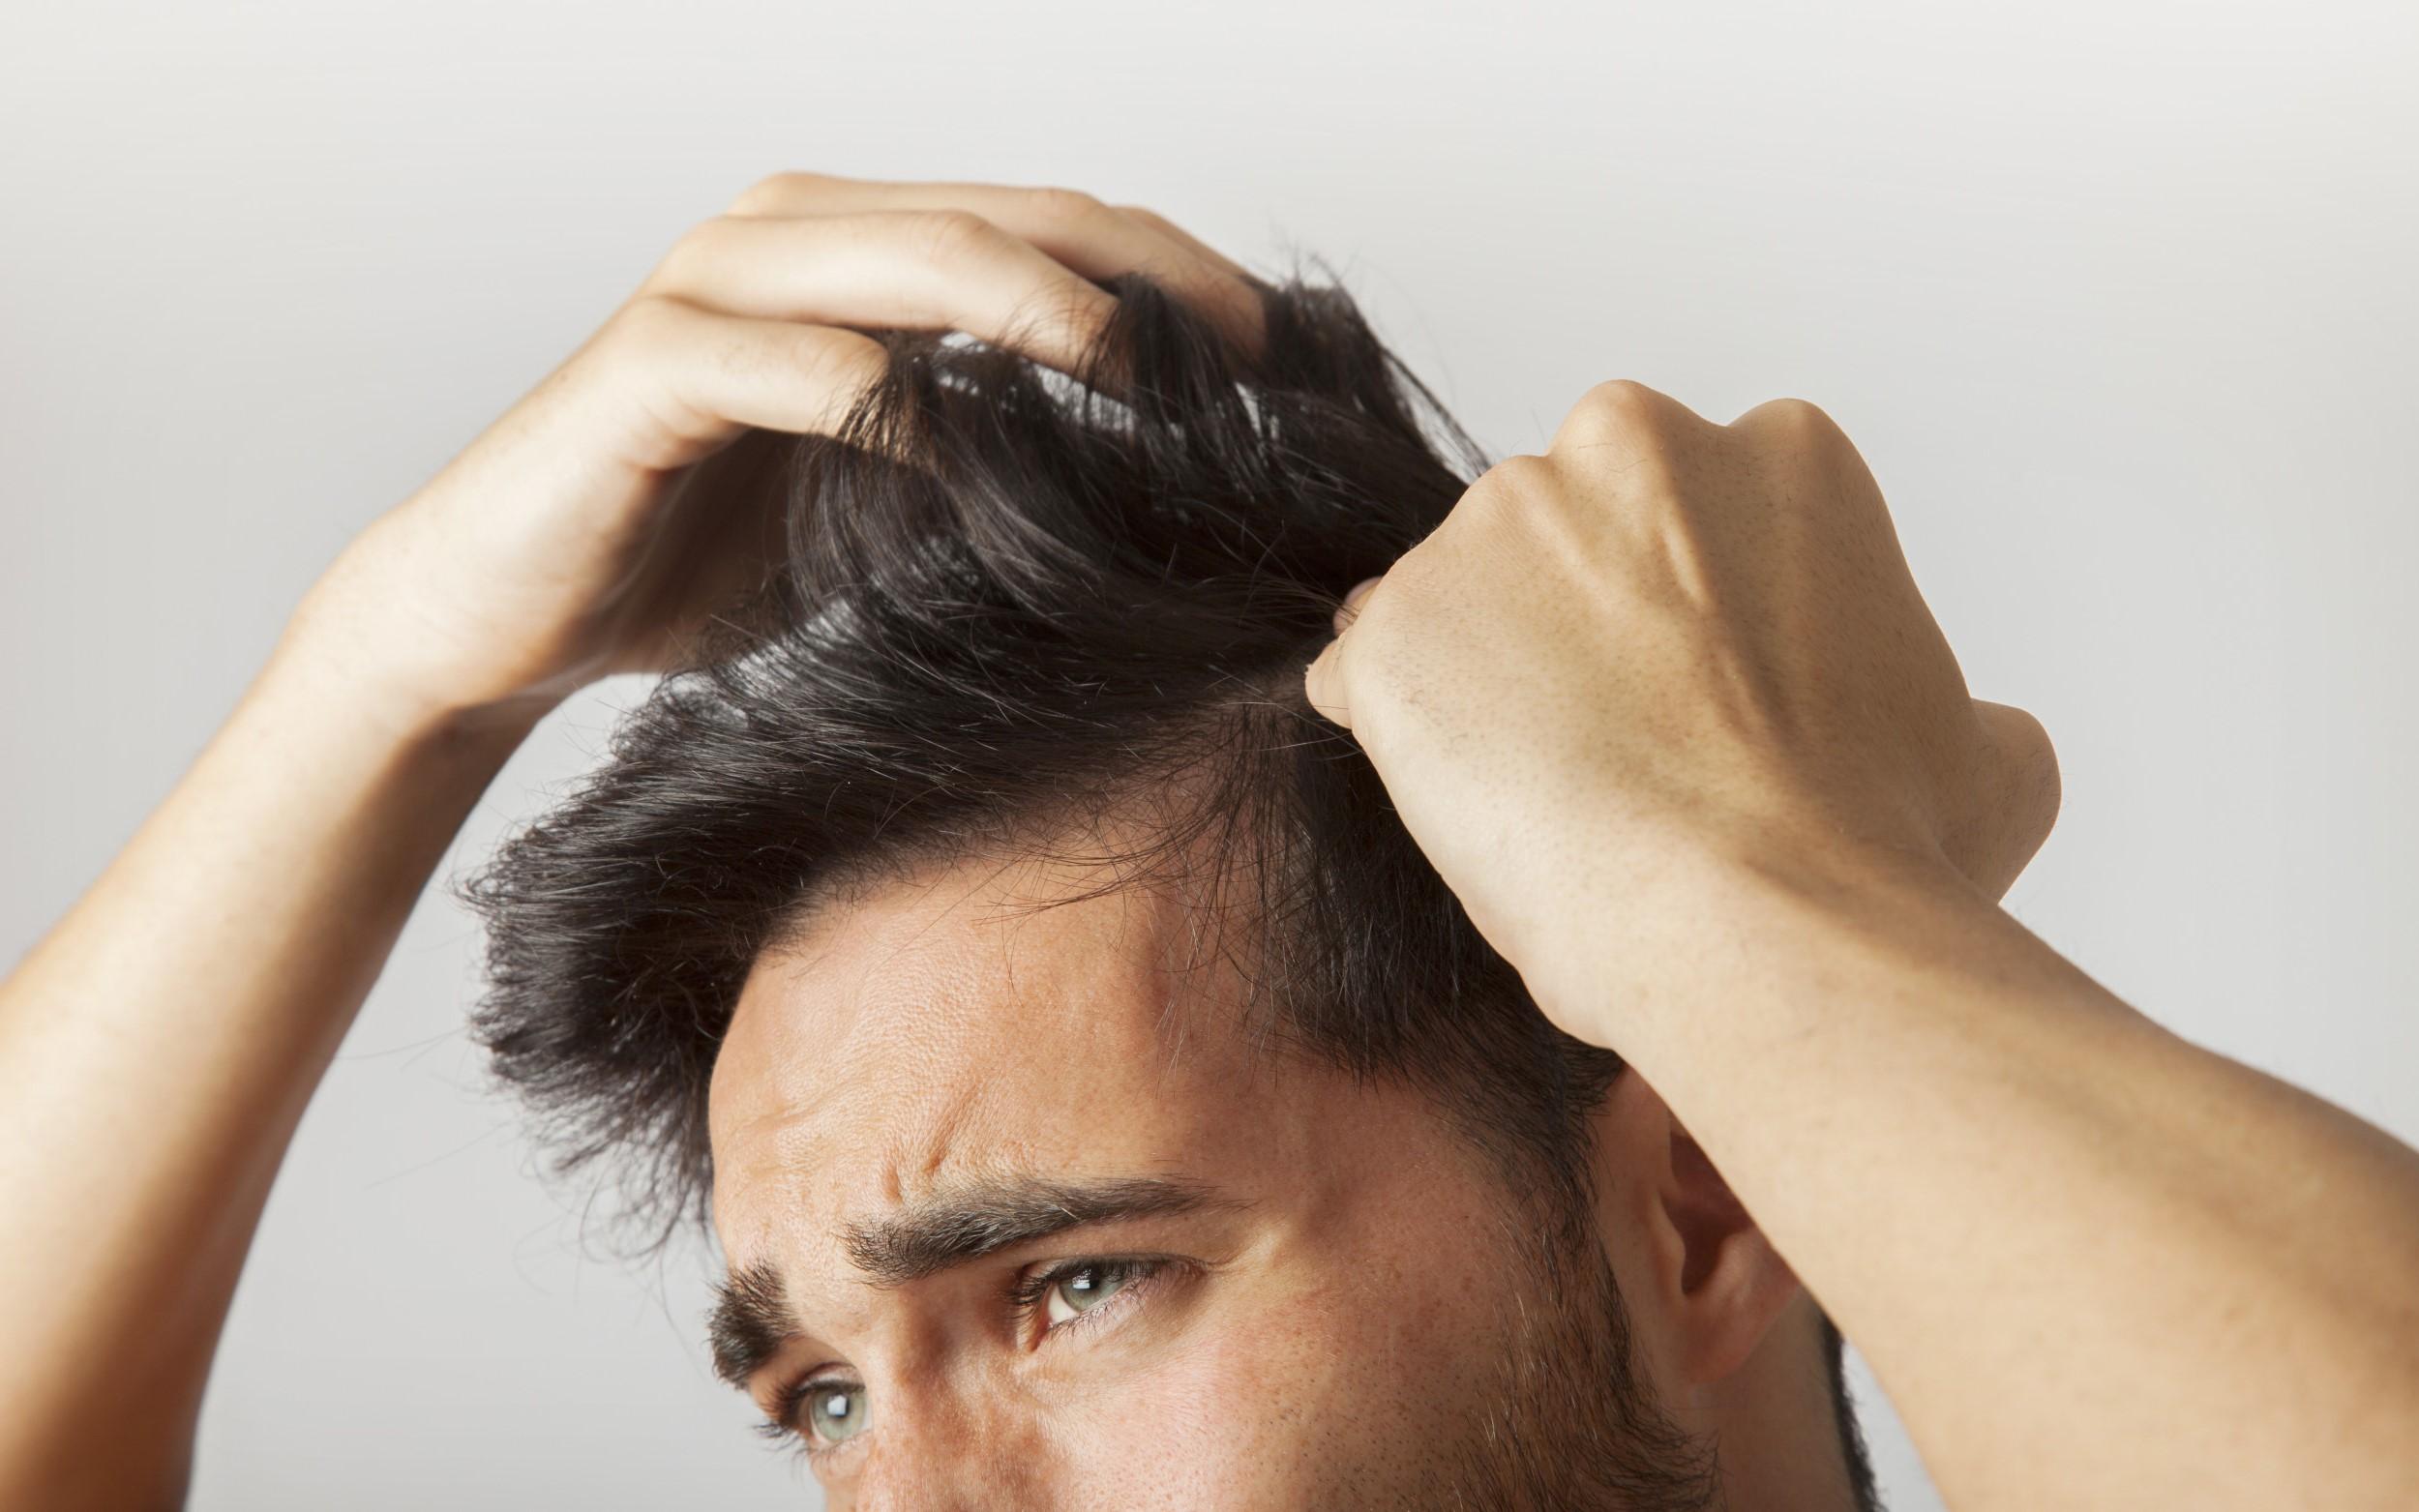 درمان های خانگی ساده برای خشکی پوست سر